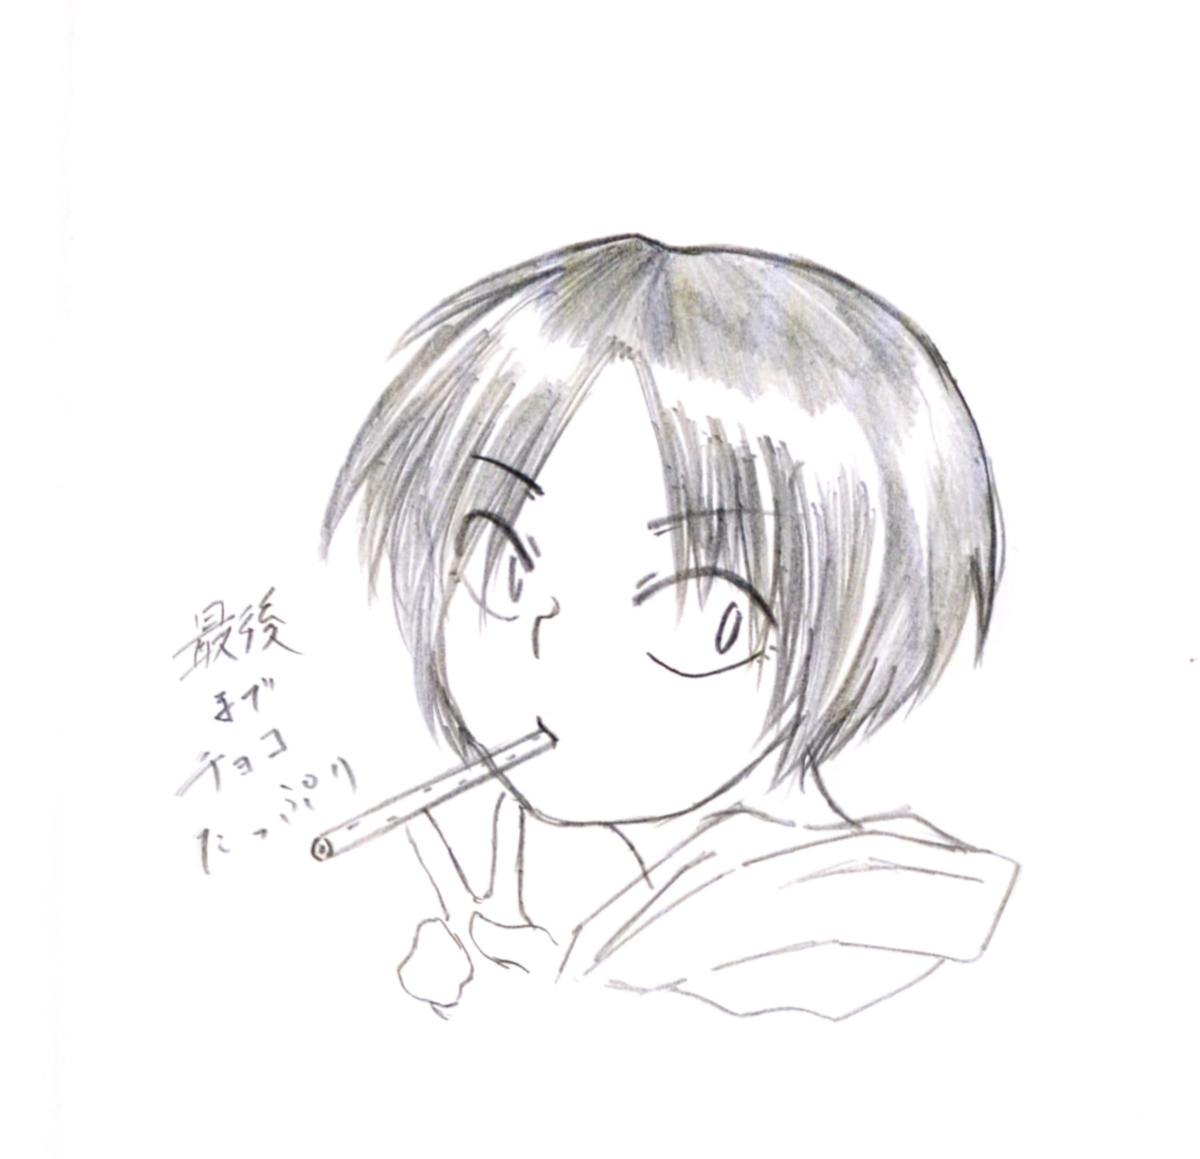 f:id:yatamaru0131:20191113011831p:plain